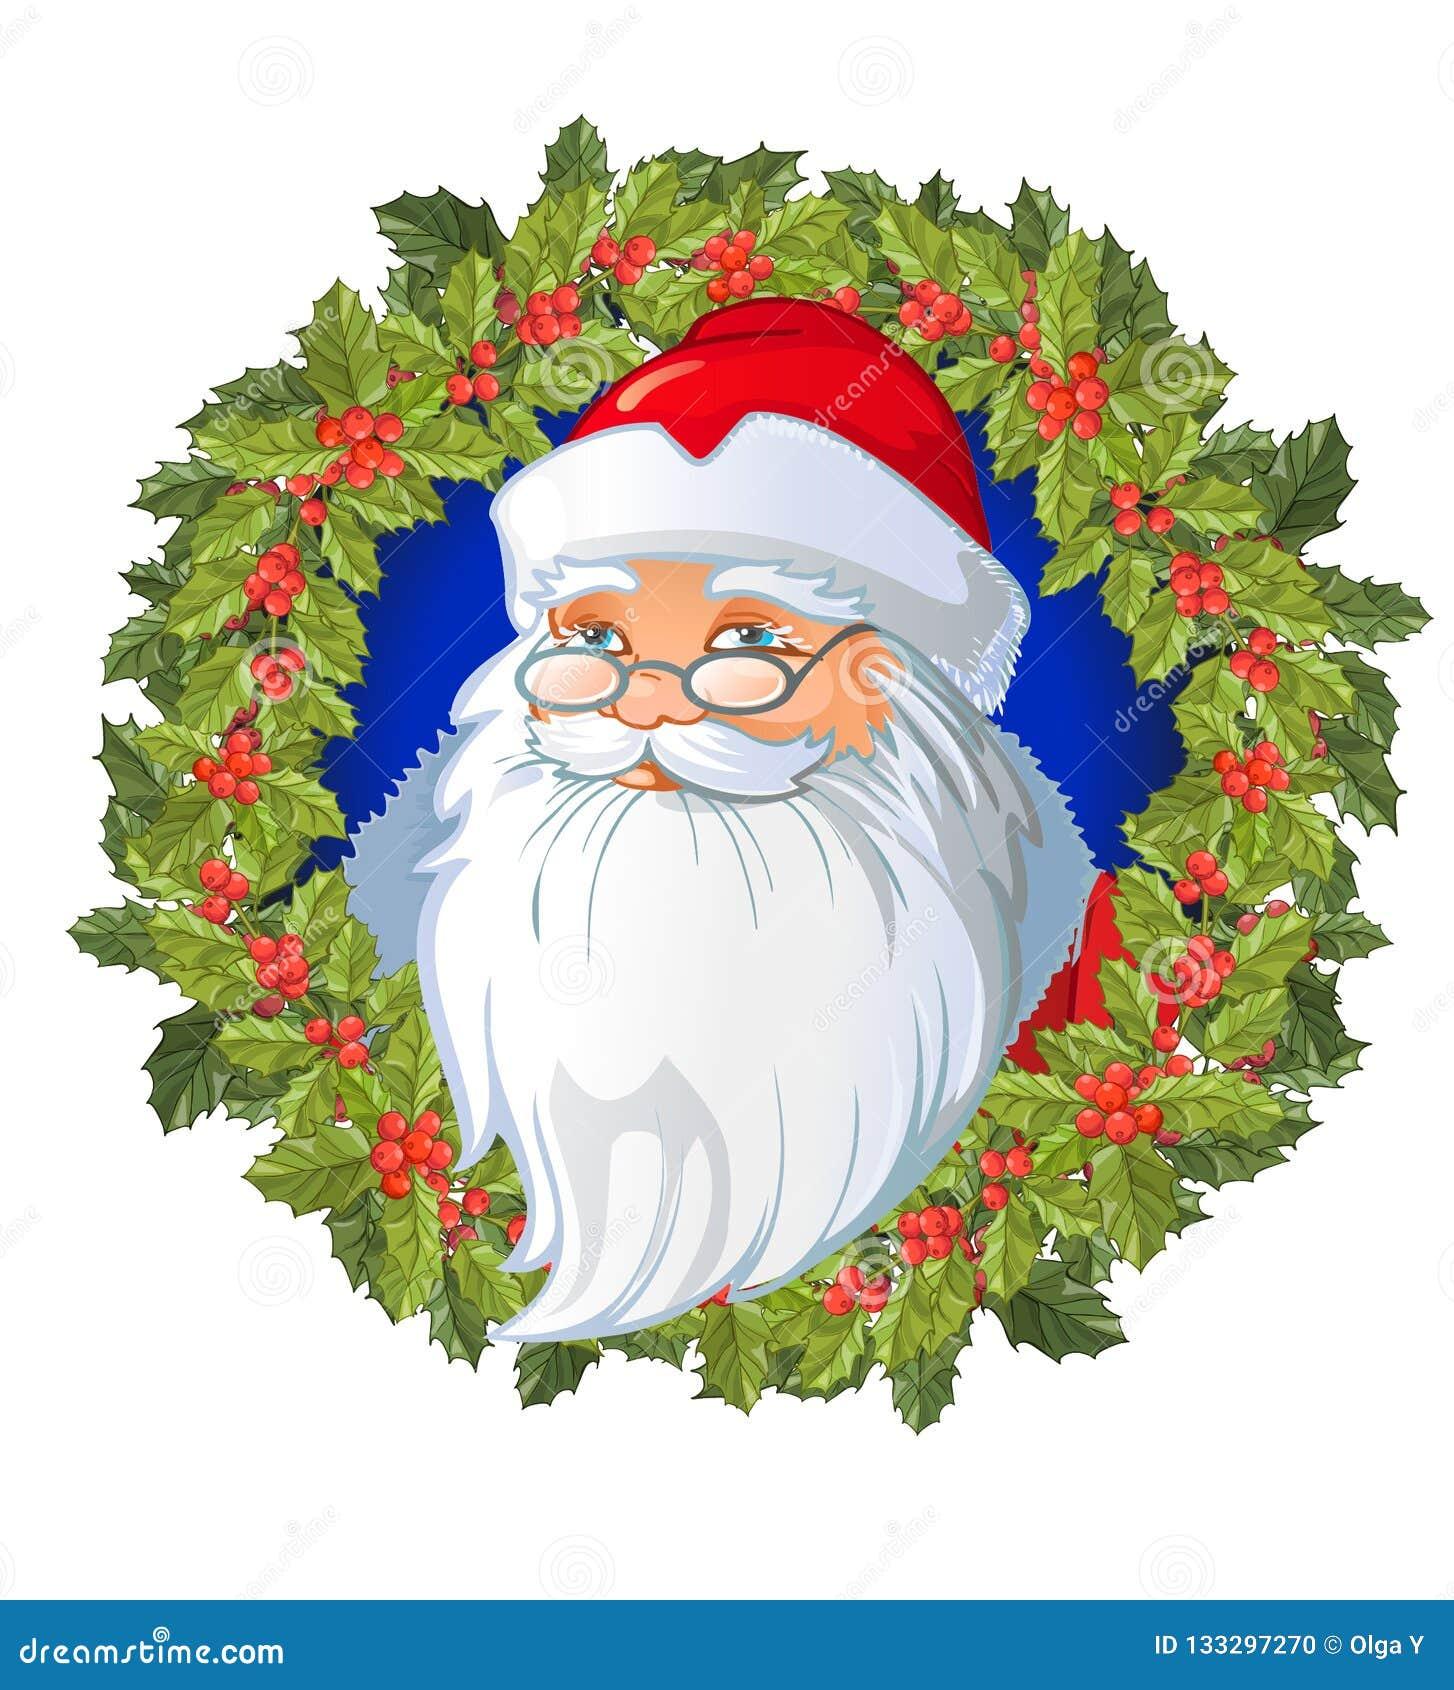 Santa S Cartoon Head On The Christmas Wreath Decorated With